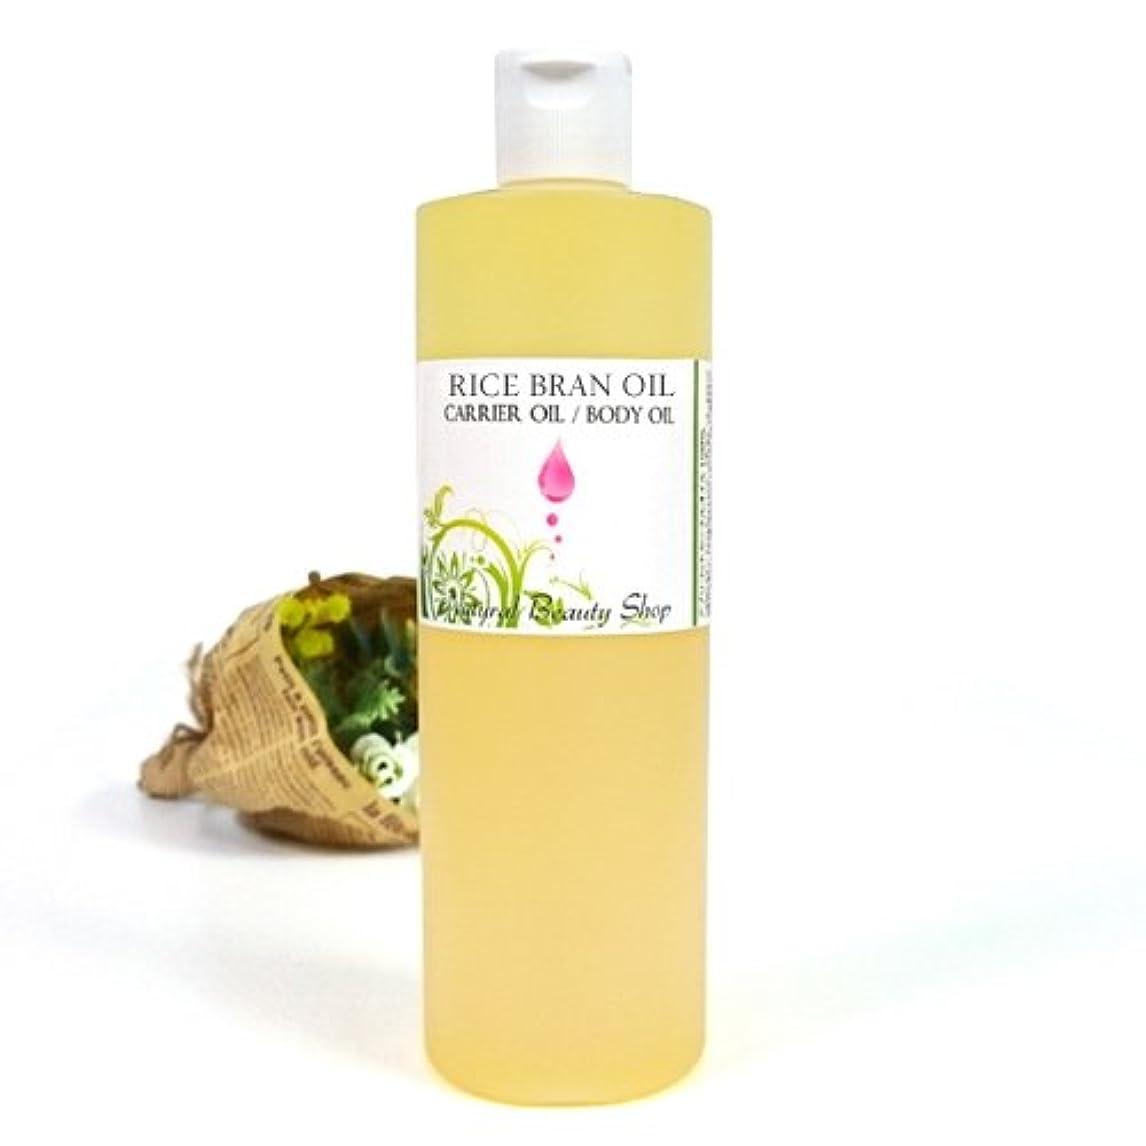 治すくるくるバリケードライスブランオイル 250ml (米油 米ぬかオイル ライスオイル)